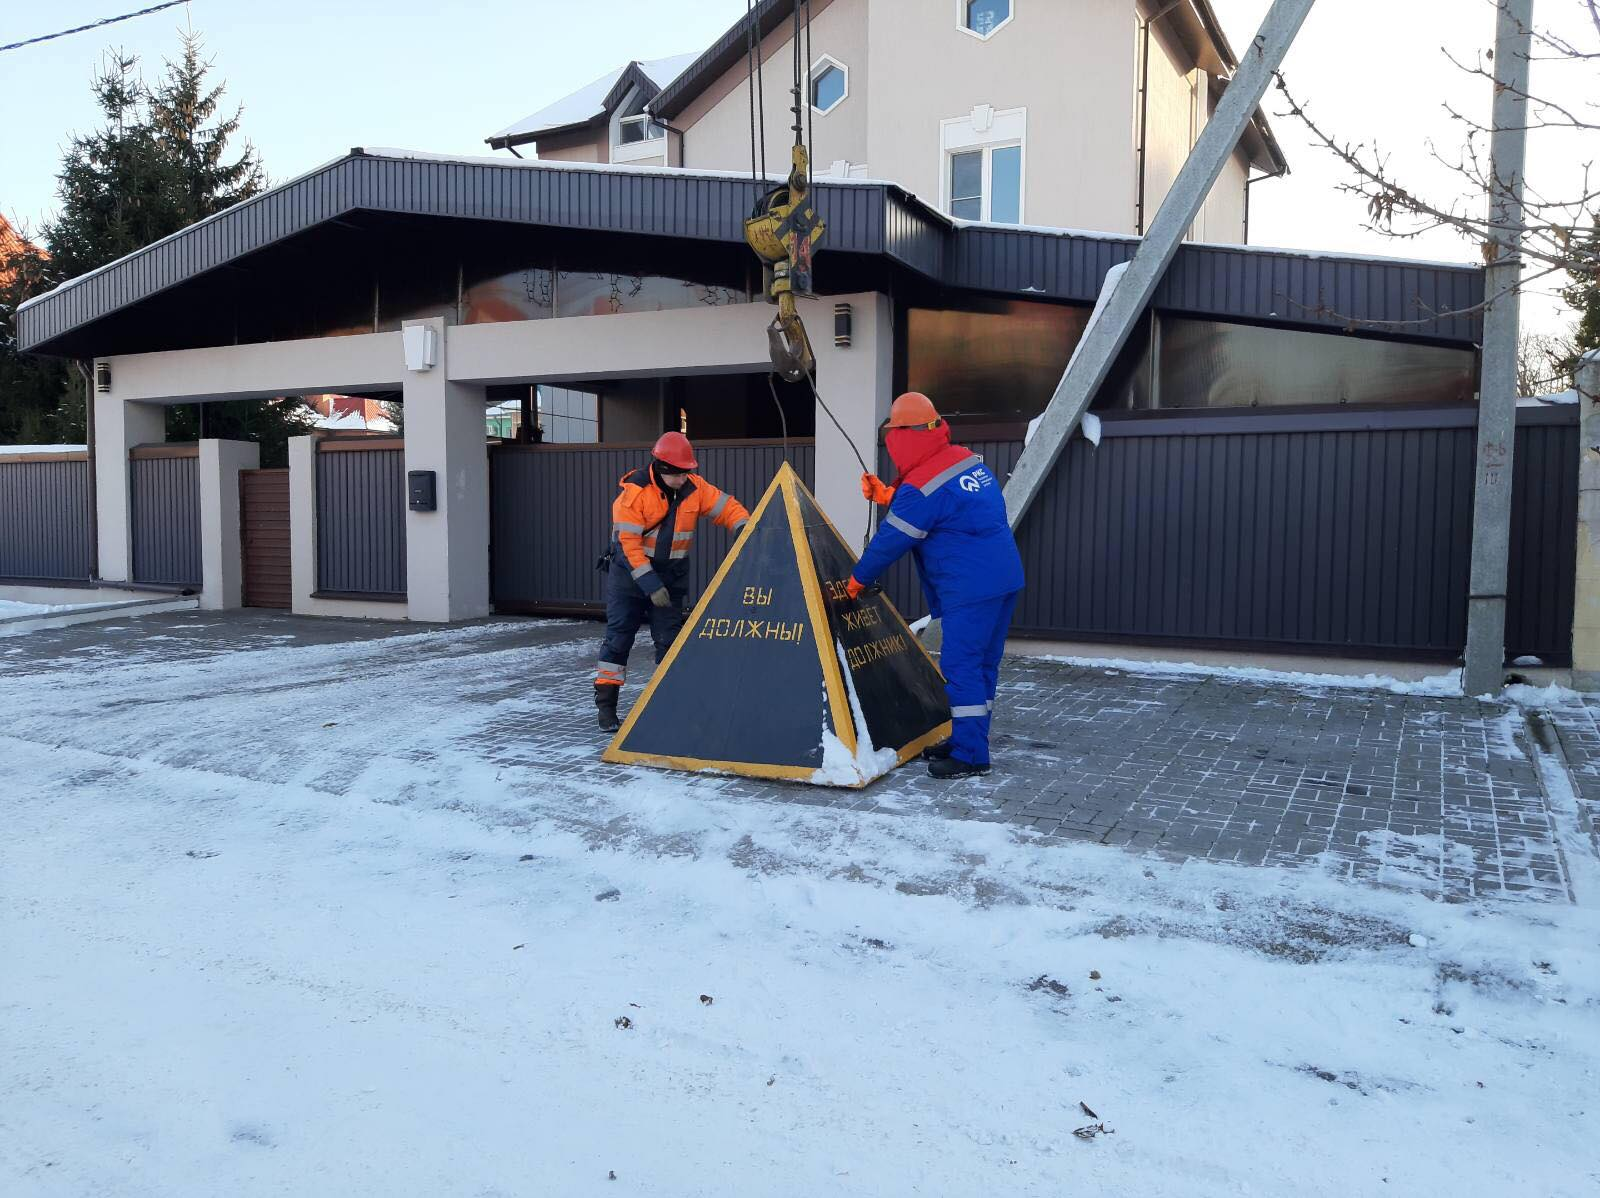 Пирамида весом 3 тонны вынудила жителя Тольятти оплатить долг